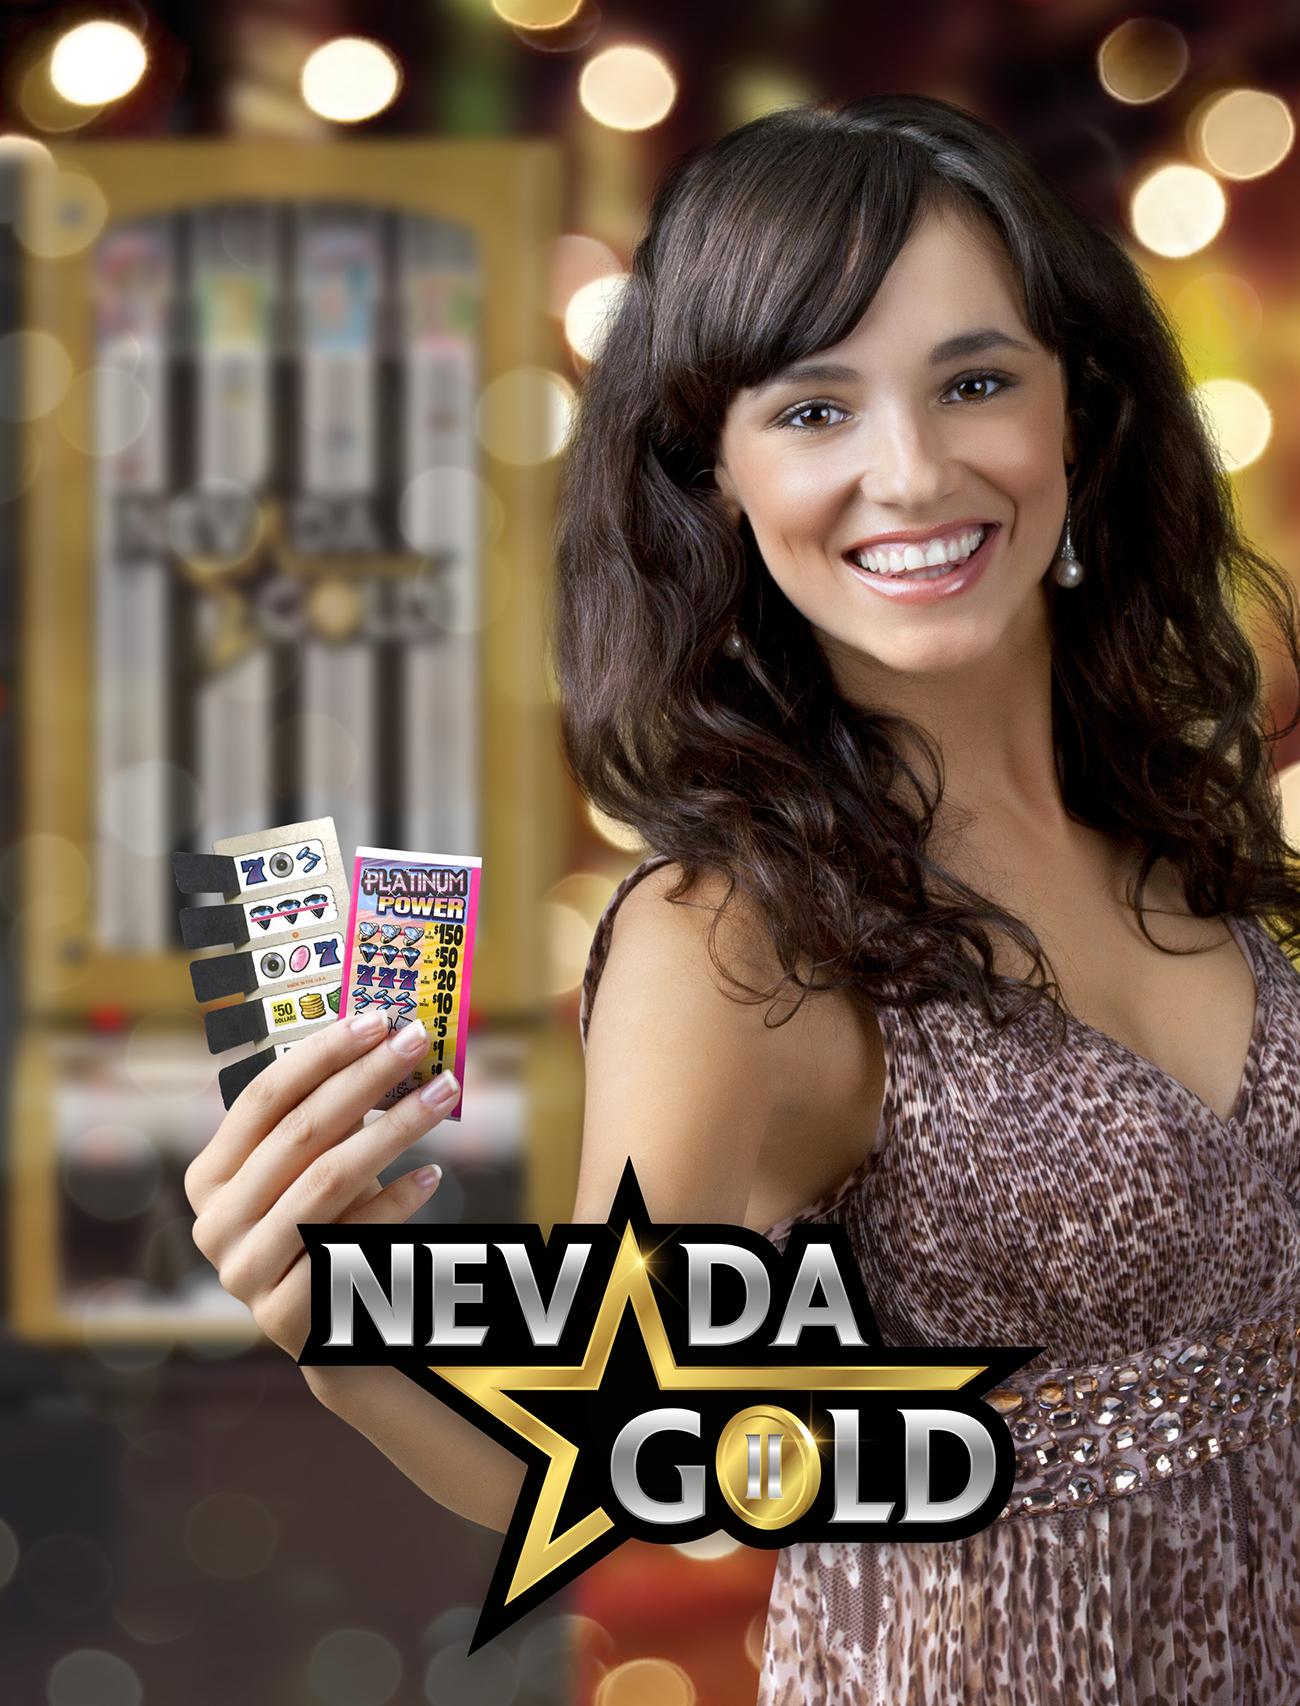 Nevada Gold II Brochure Promotional Materials/Equipment Flyers & Brochures